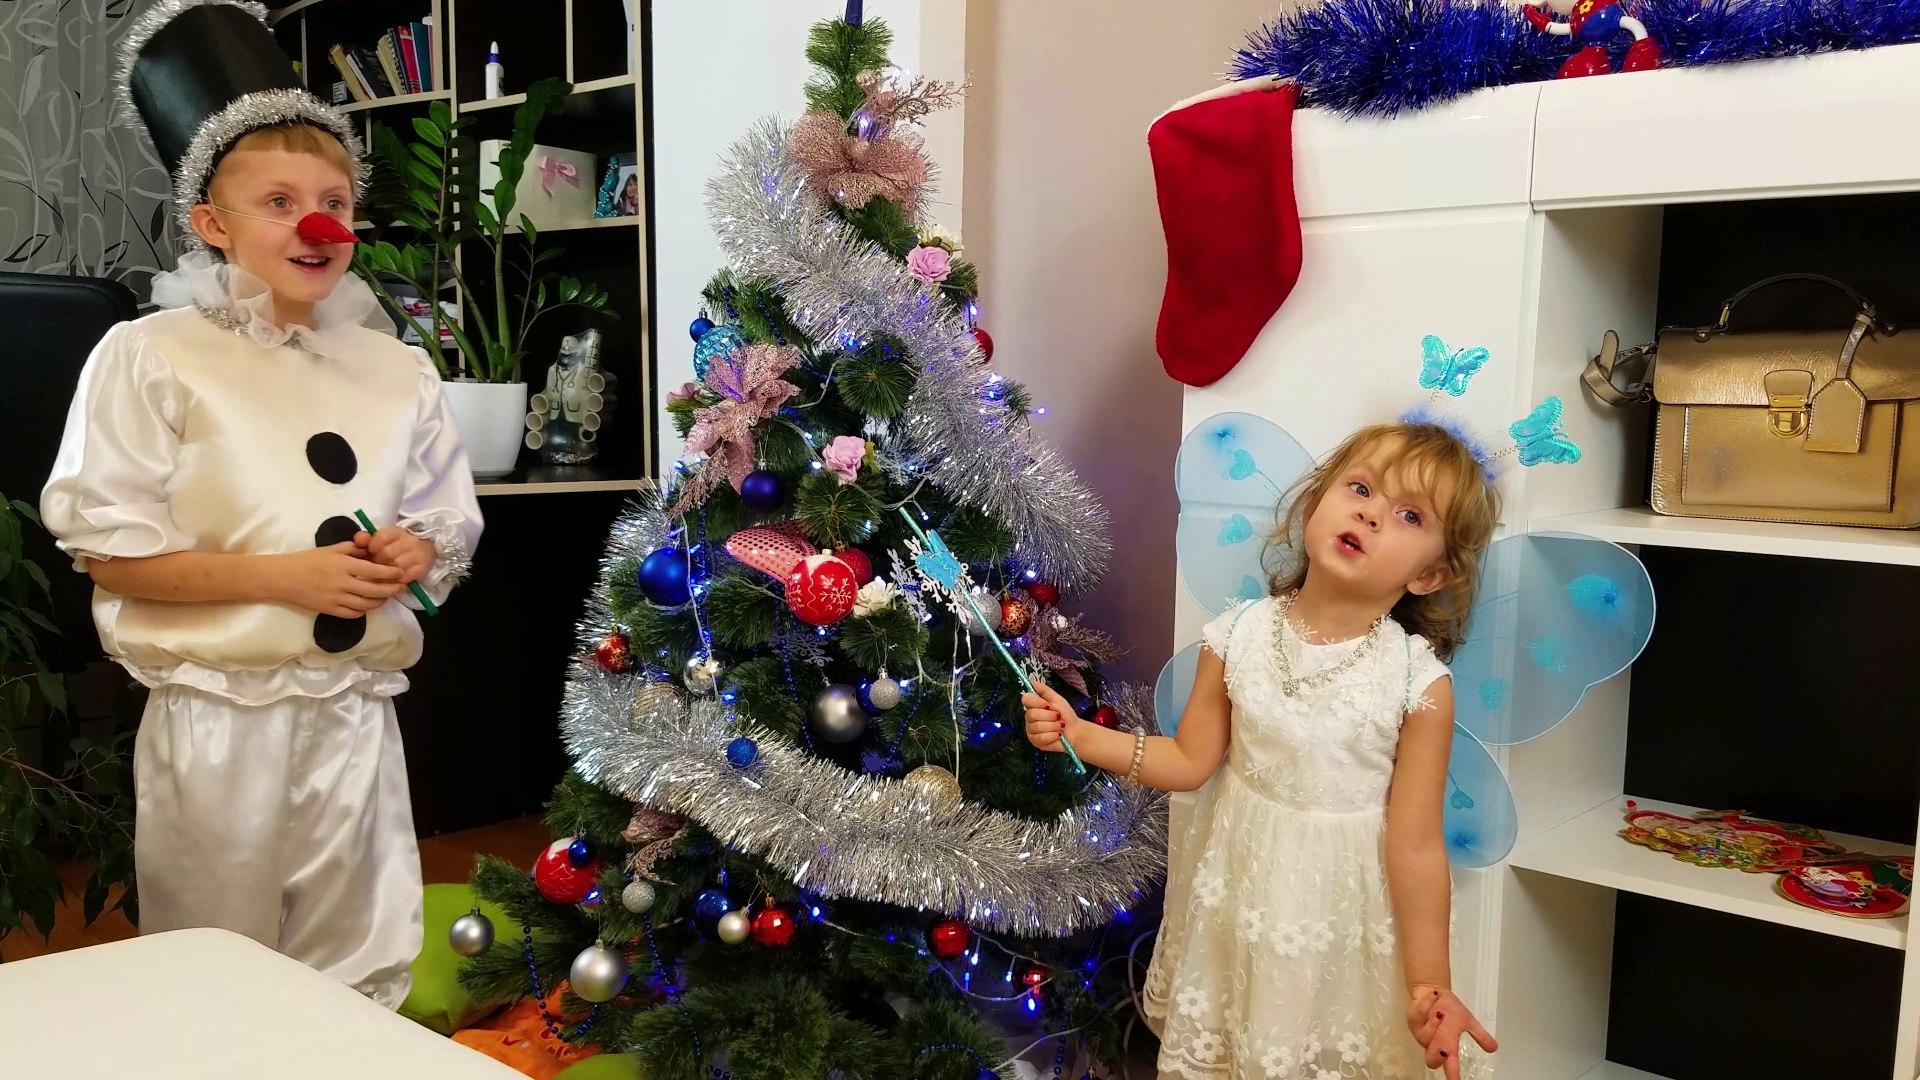 НОВЫЙ ГОД 2017! ЧУДЕСА и ФЕЯ! Наряжаем новогоднюю елку.Видео для детей Детский новый год